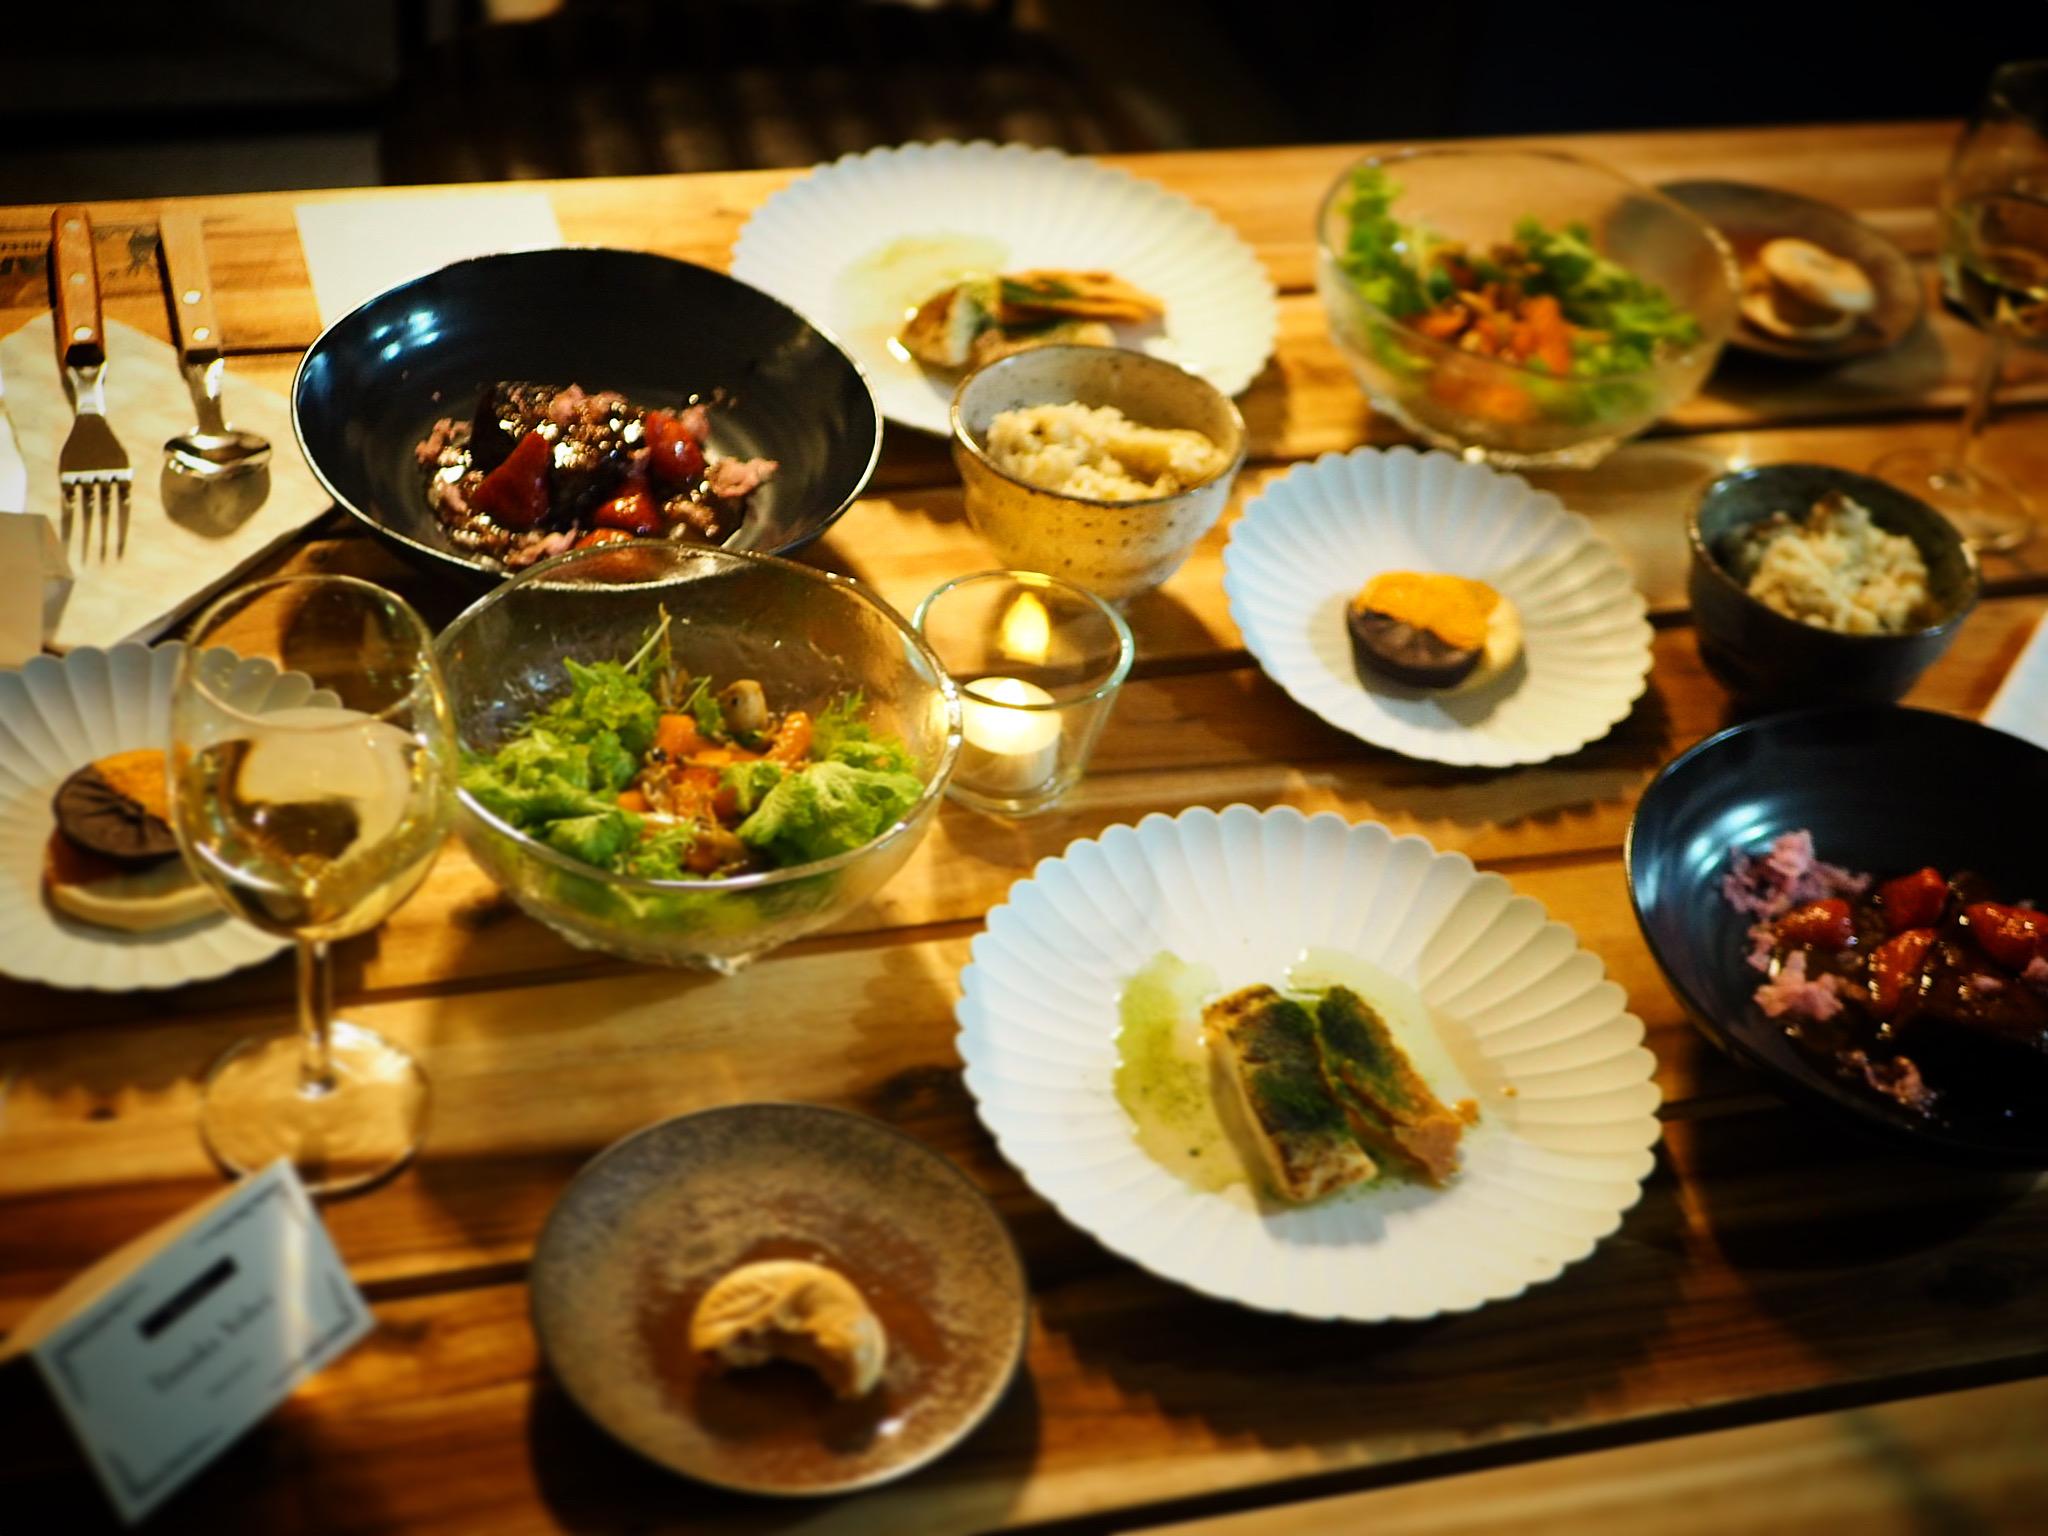 【#IWAIのお祝いご飯便】記念日におうちで本格コース料理!今だからこそのお祝いの時間♡_1